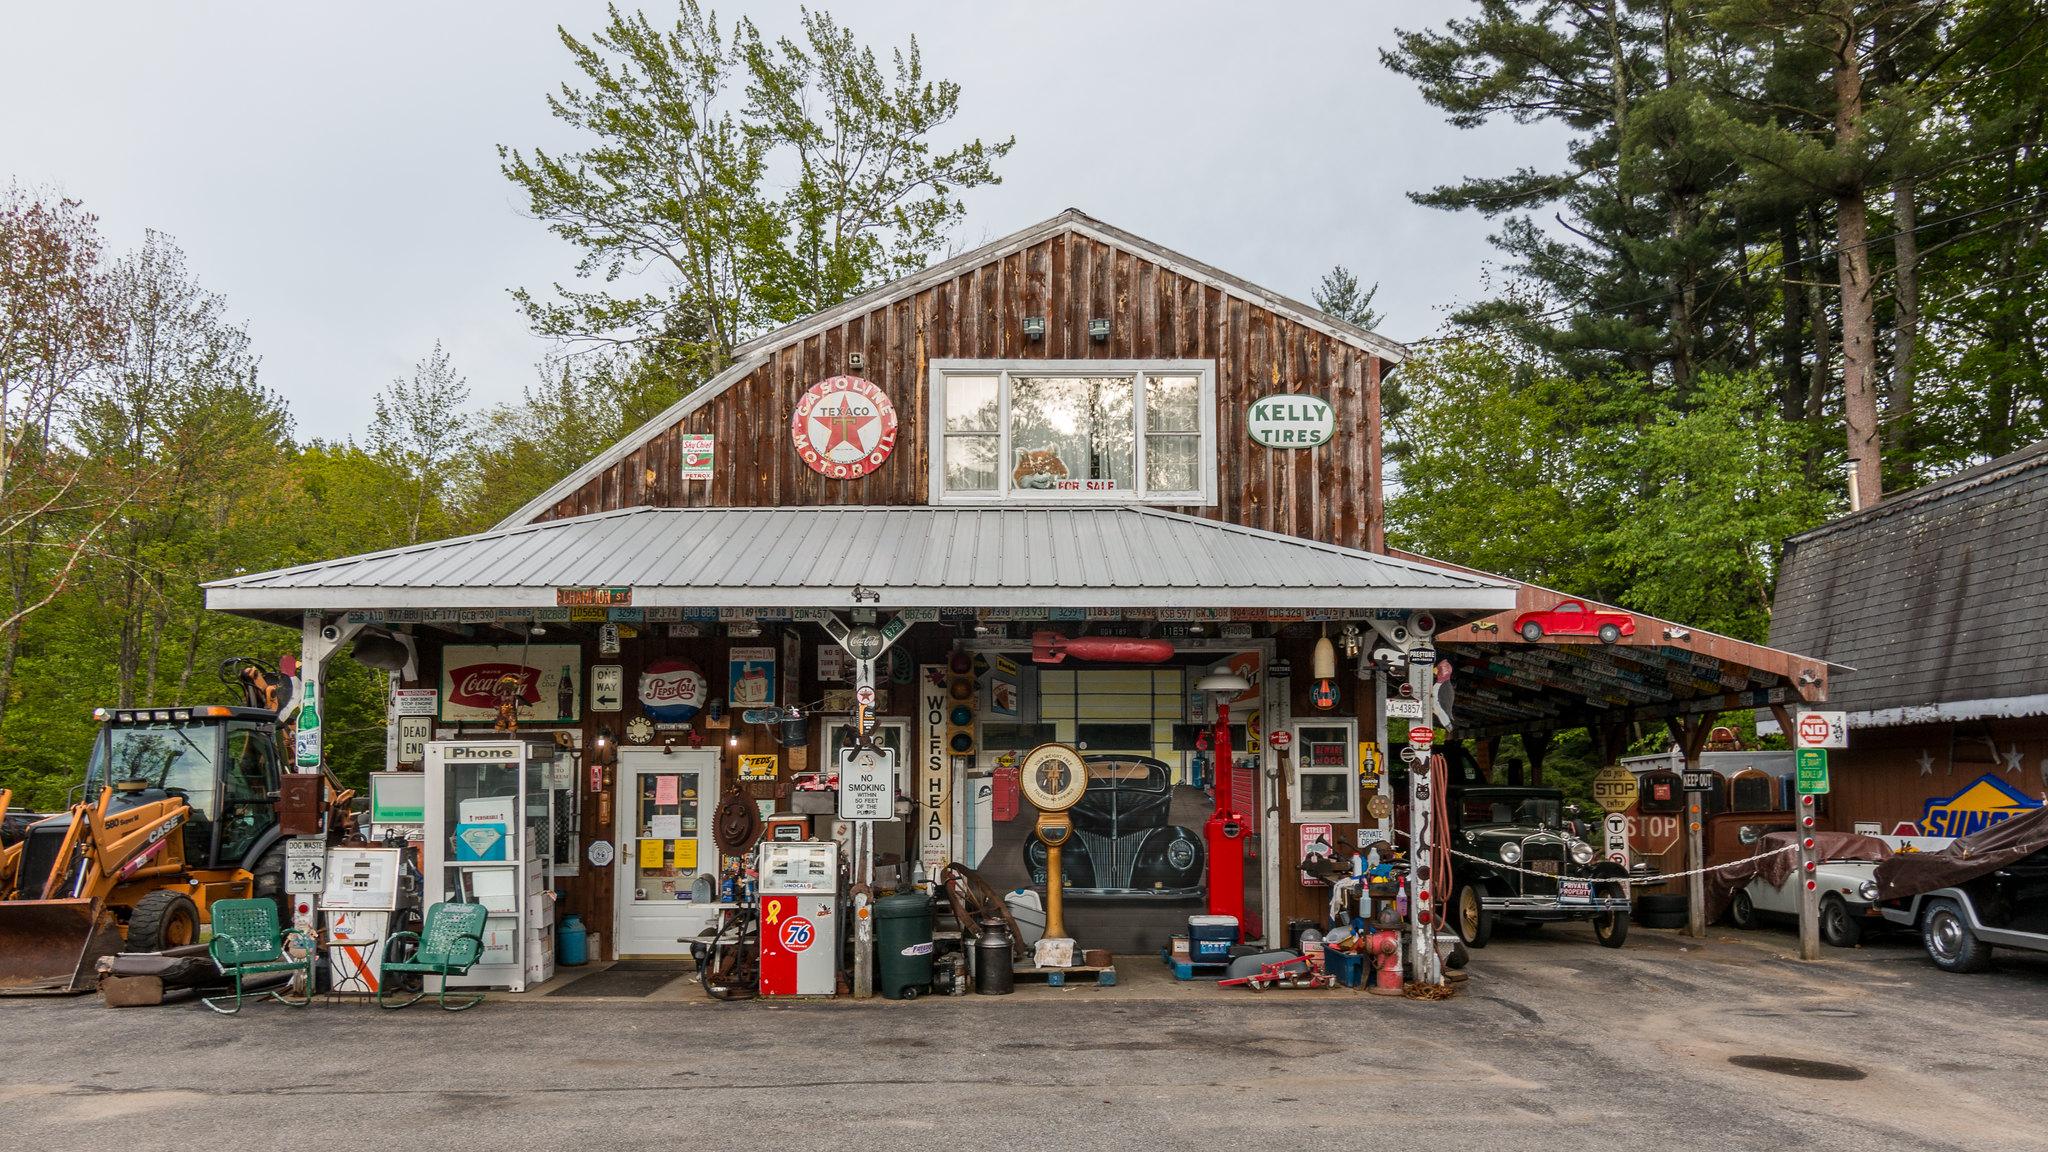 Vieux Garage - Maine - [USA]